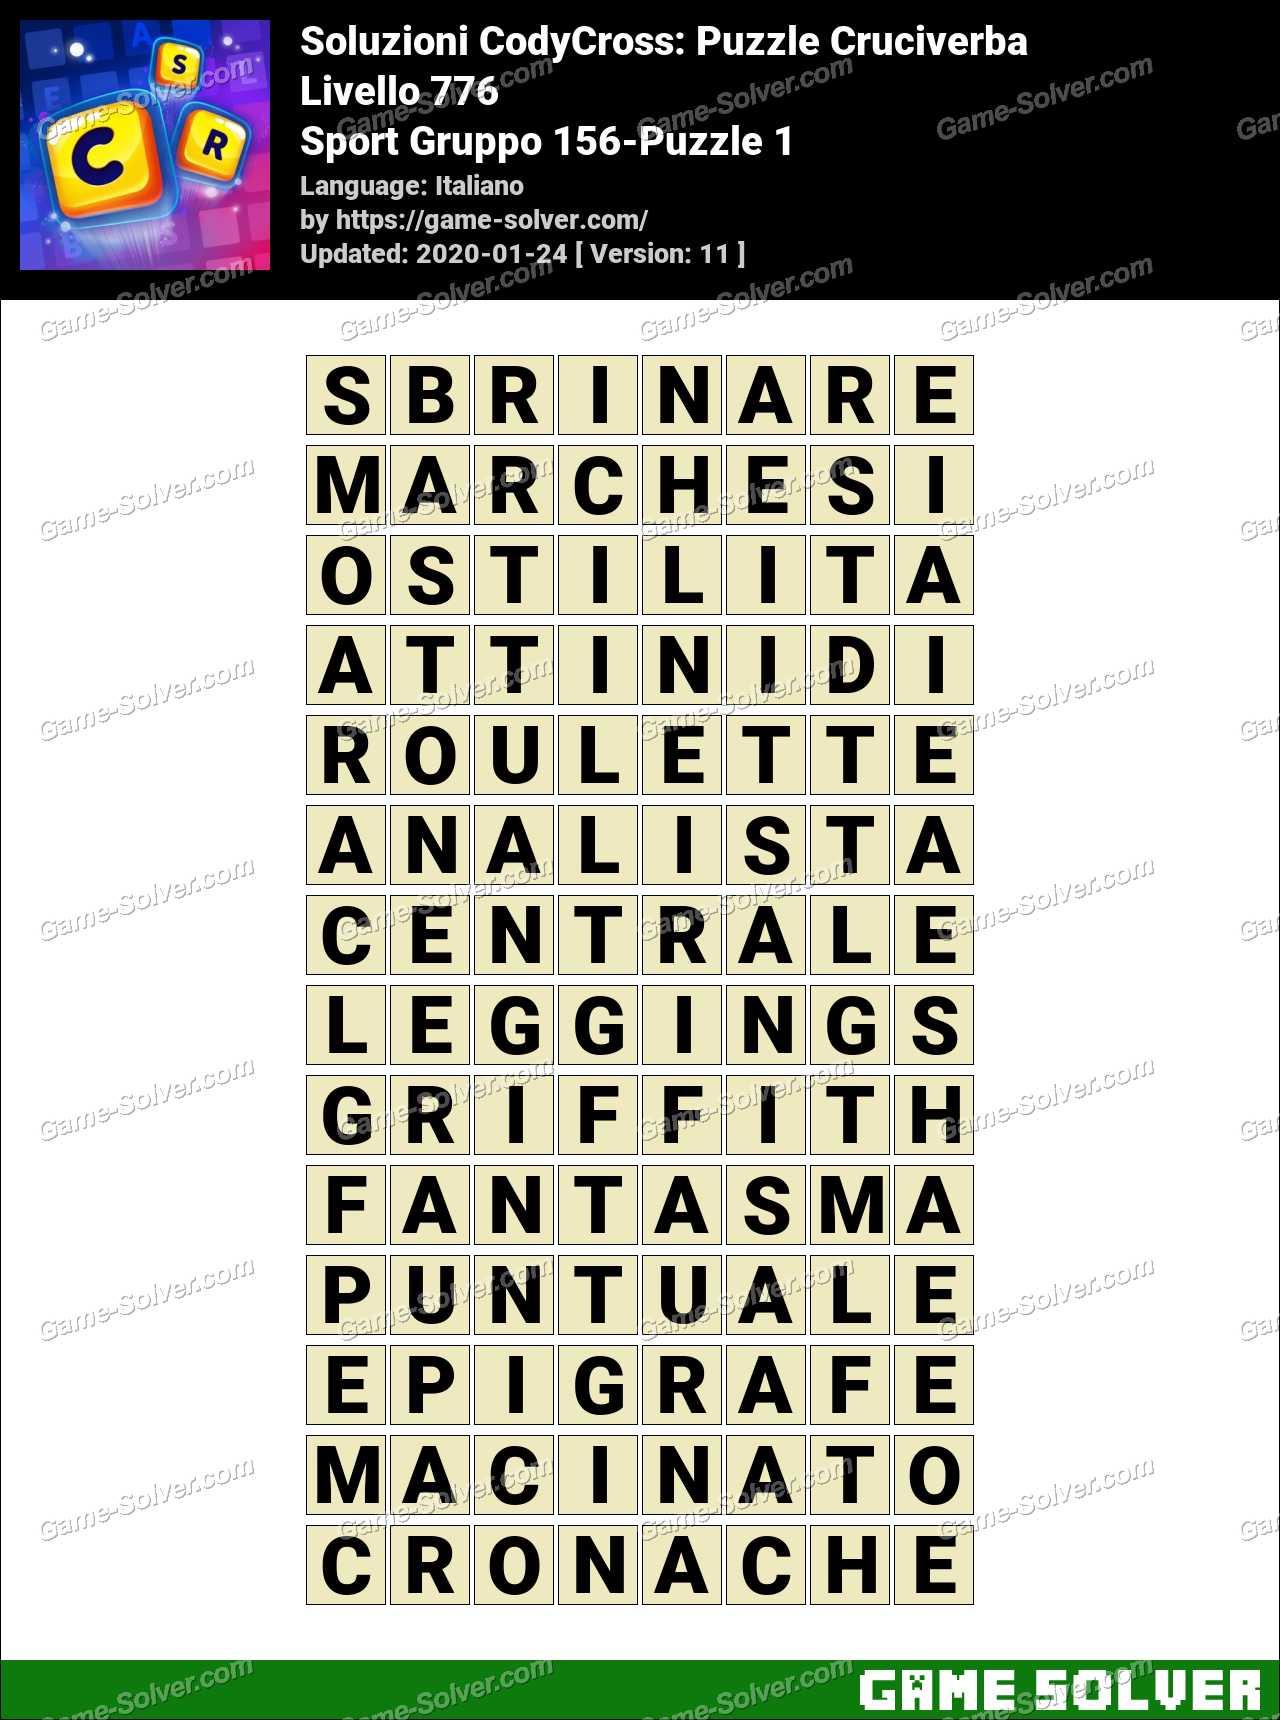 Soluzioni CodyCross Sport Gruppo 156-Puzzle 1